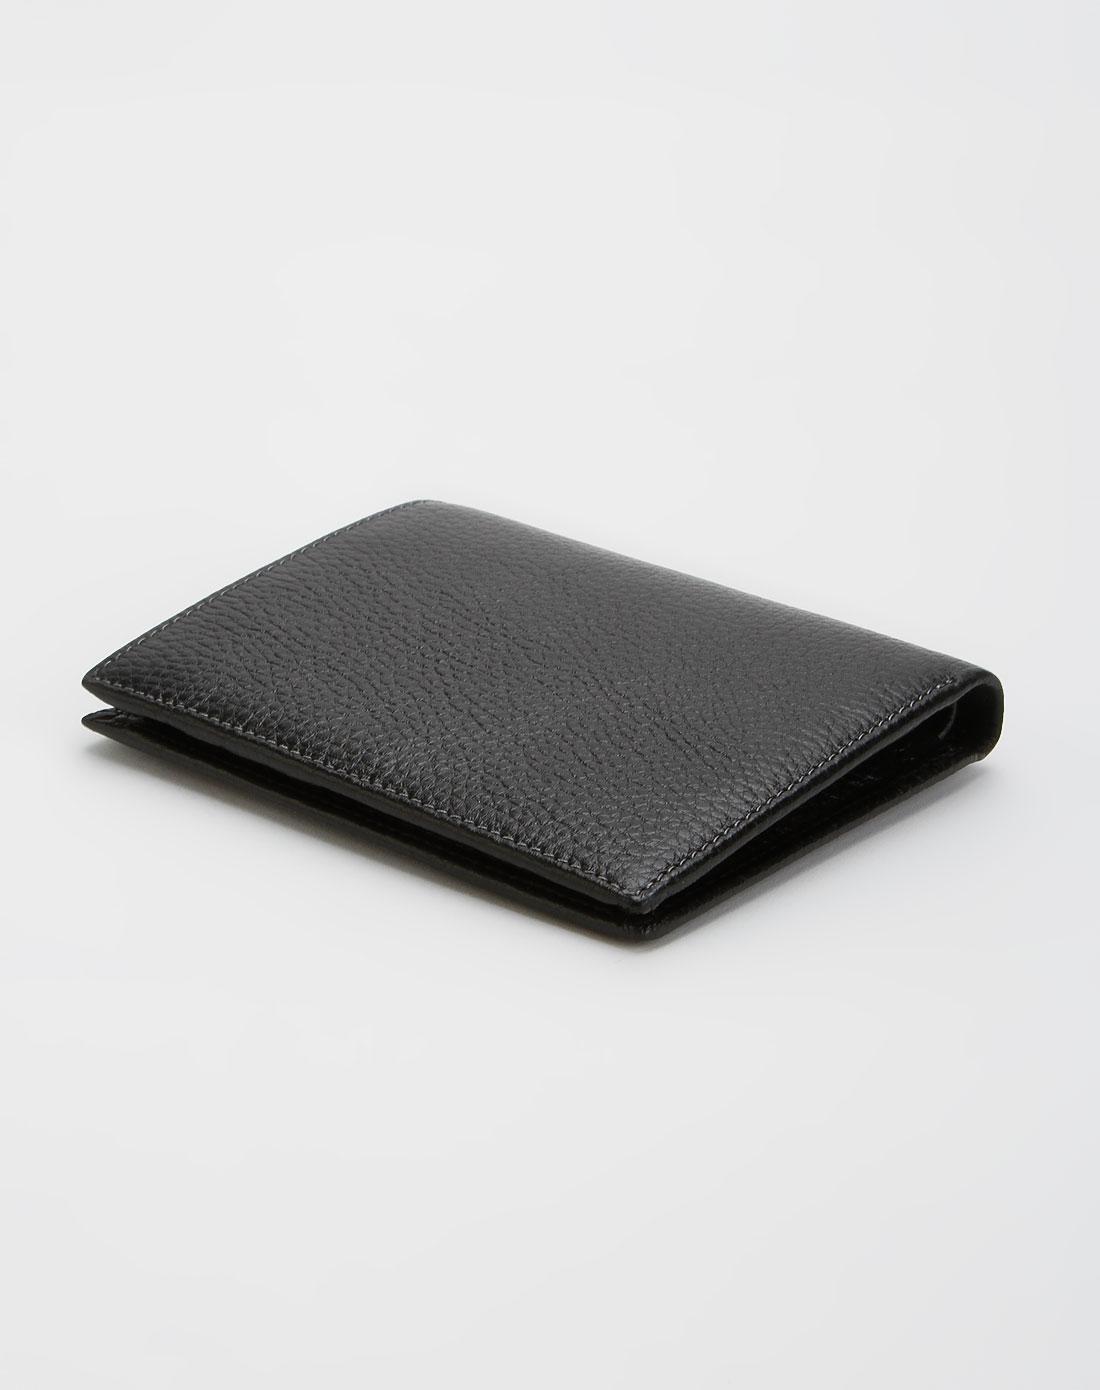 黑色印纹竖款钱包